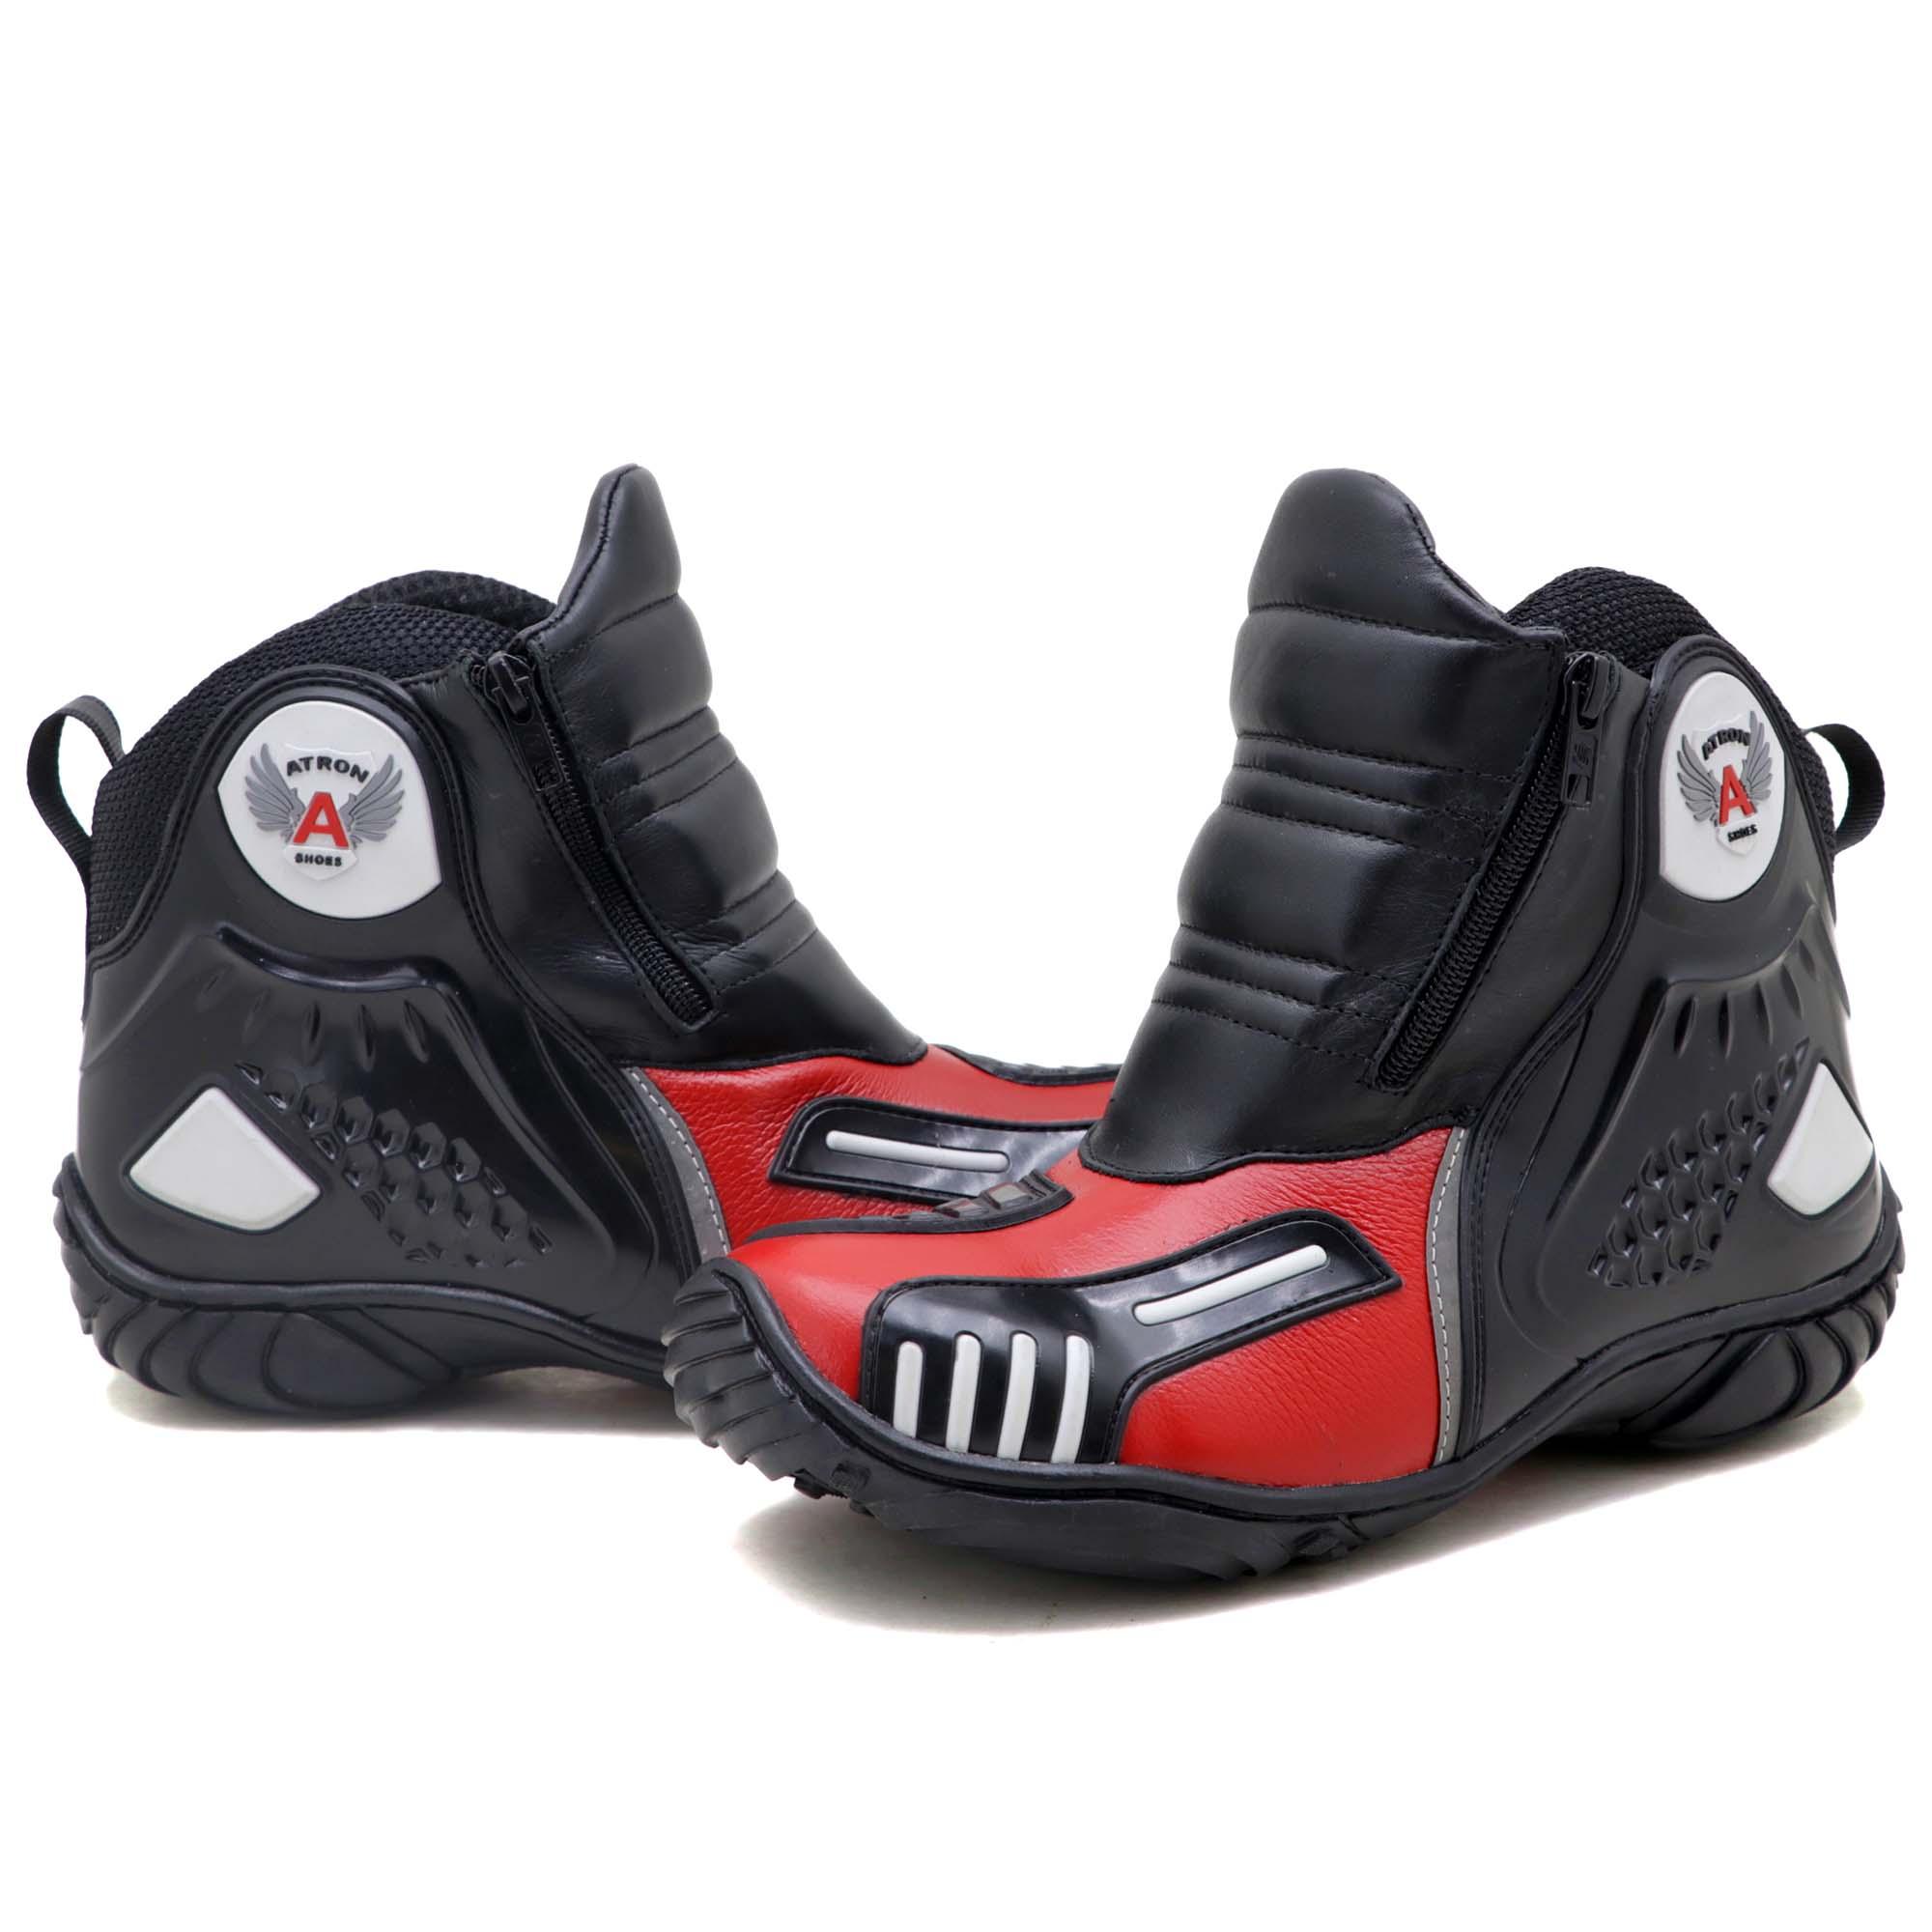 Bota motociclista Atron Shoes AS-HIGHWAY em couro legítimo semi-impermeável emborrachada na cor Vermelho 407